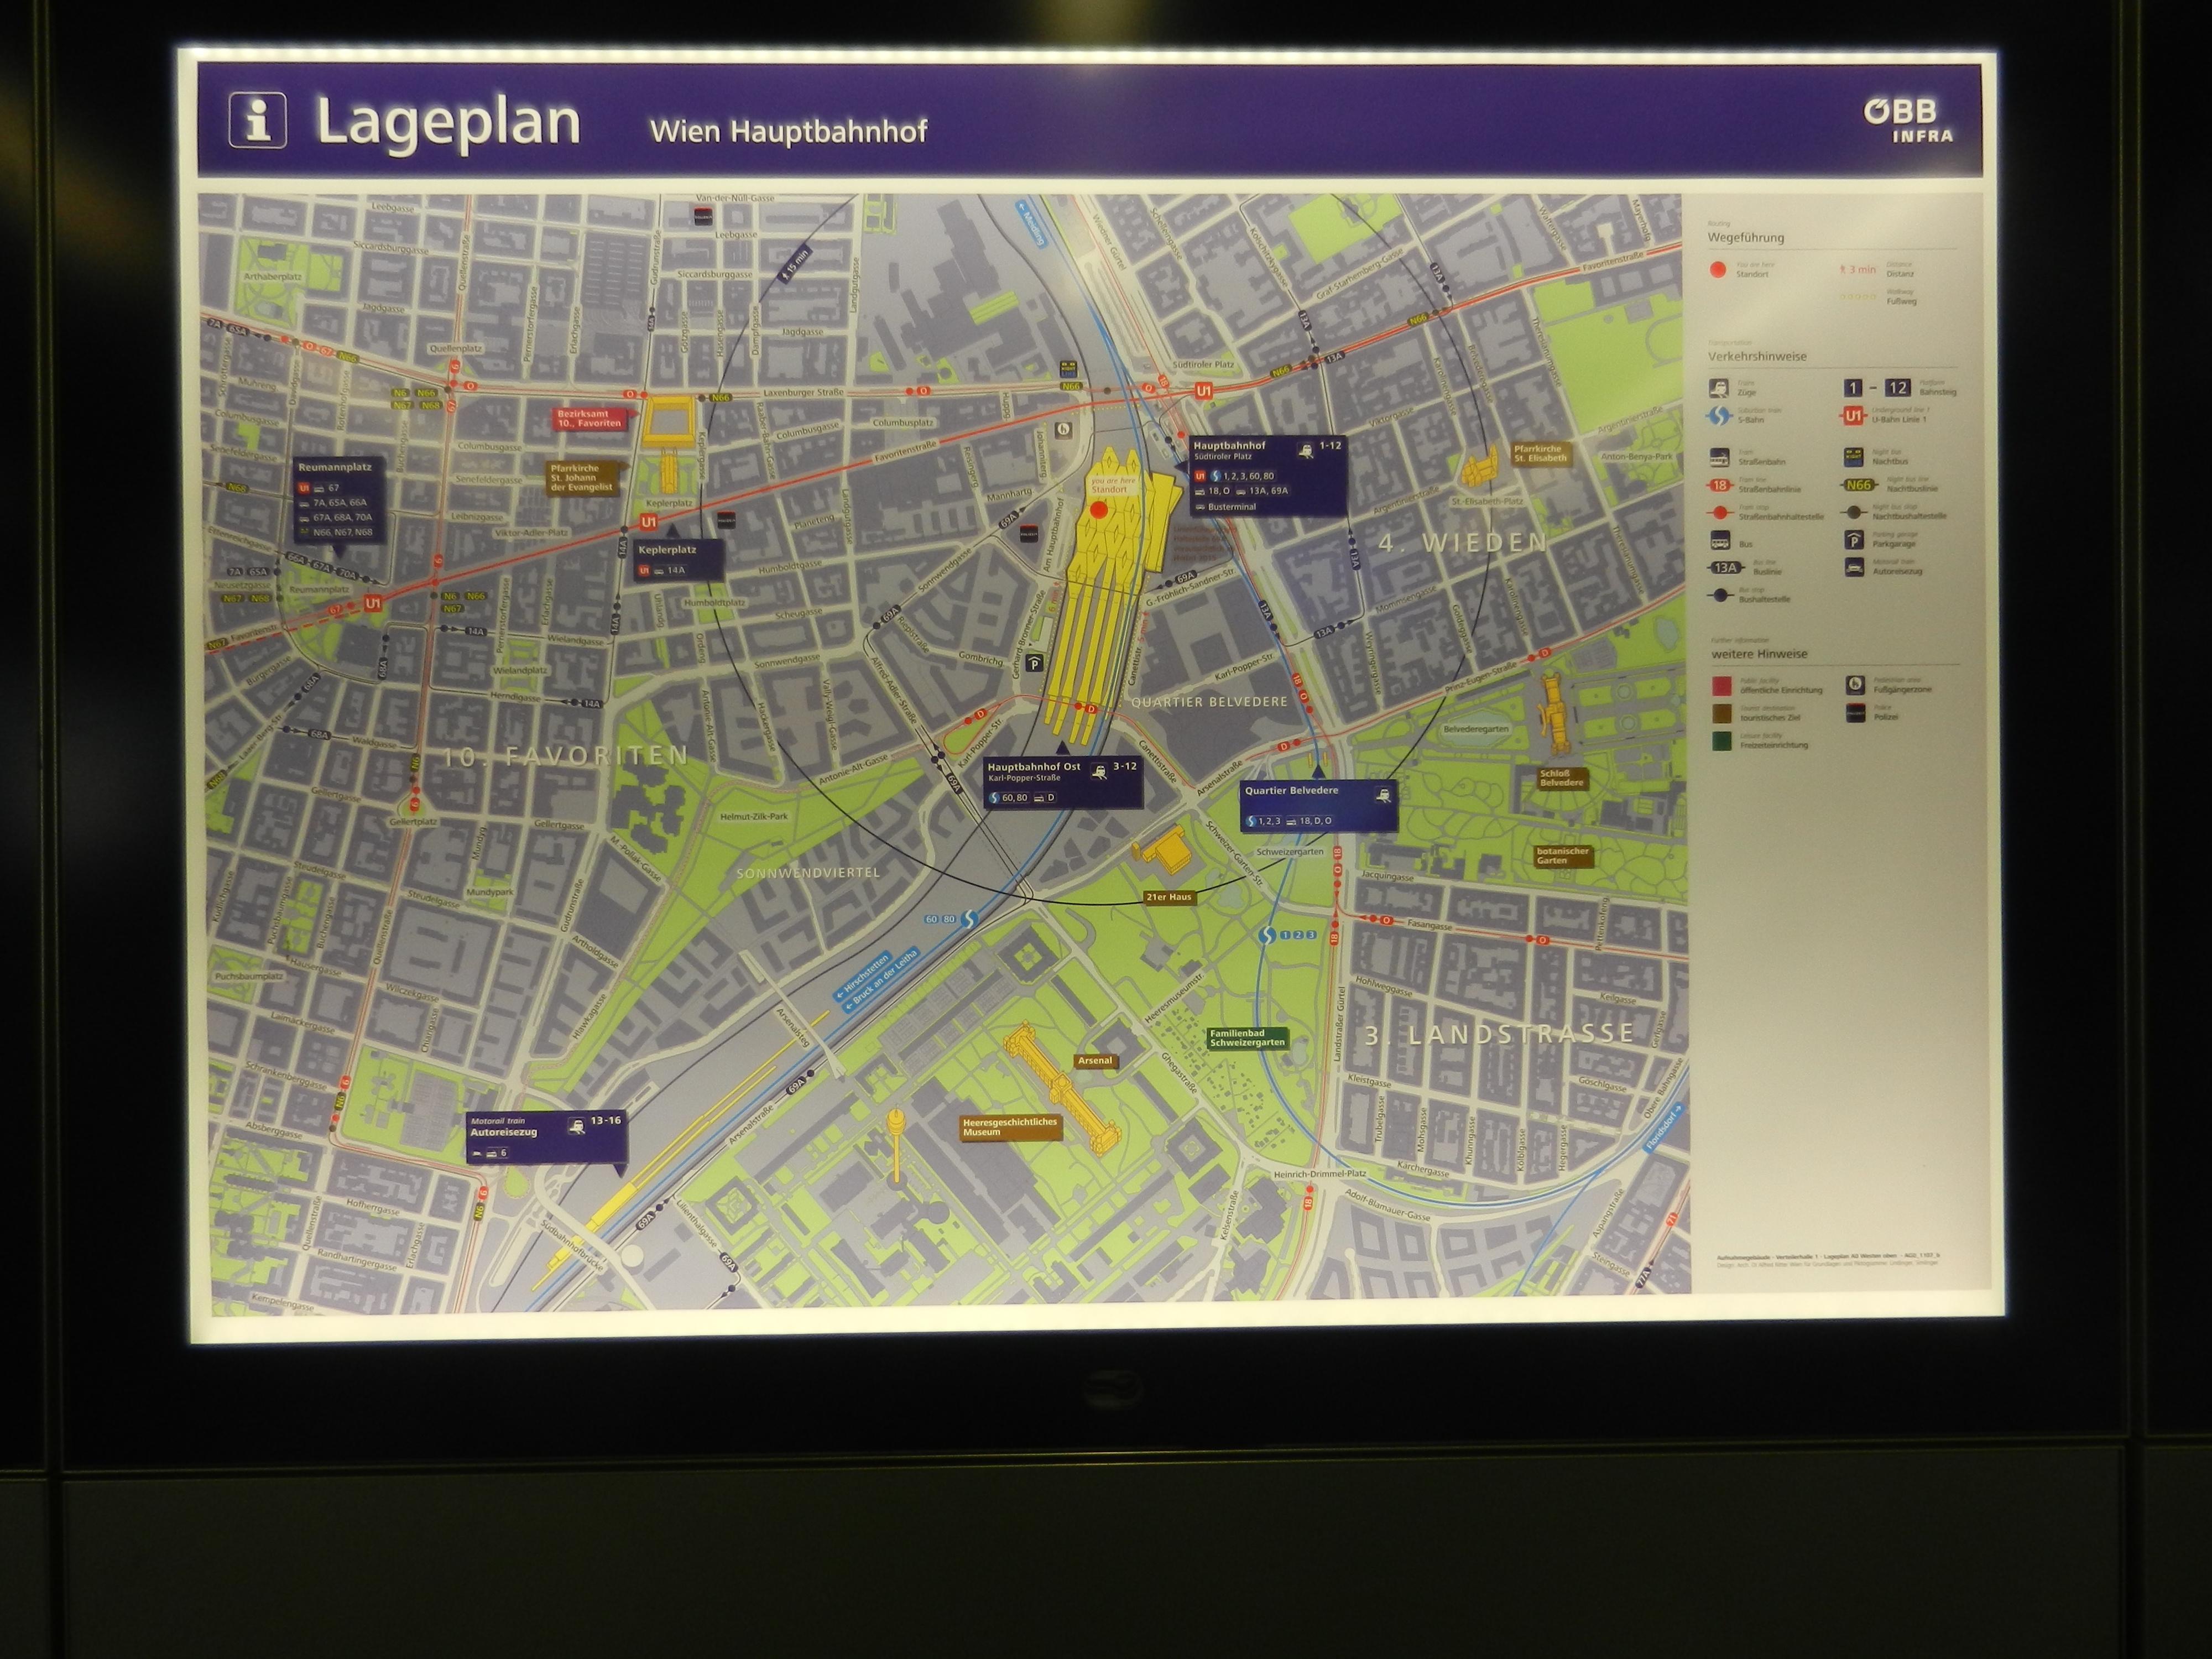 Wien 2 Lageplan